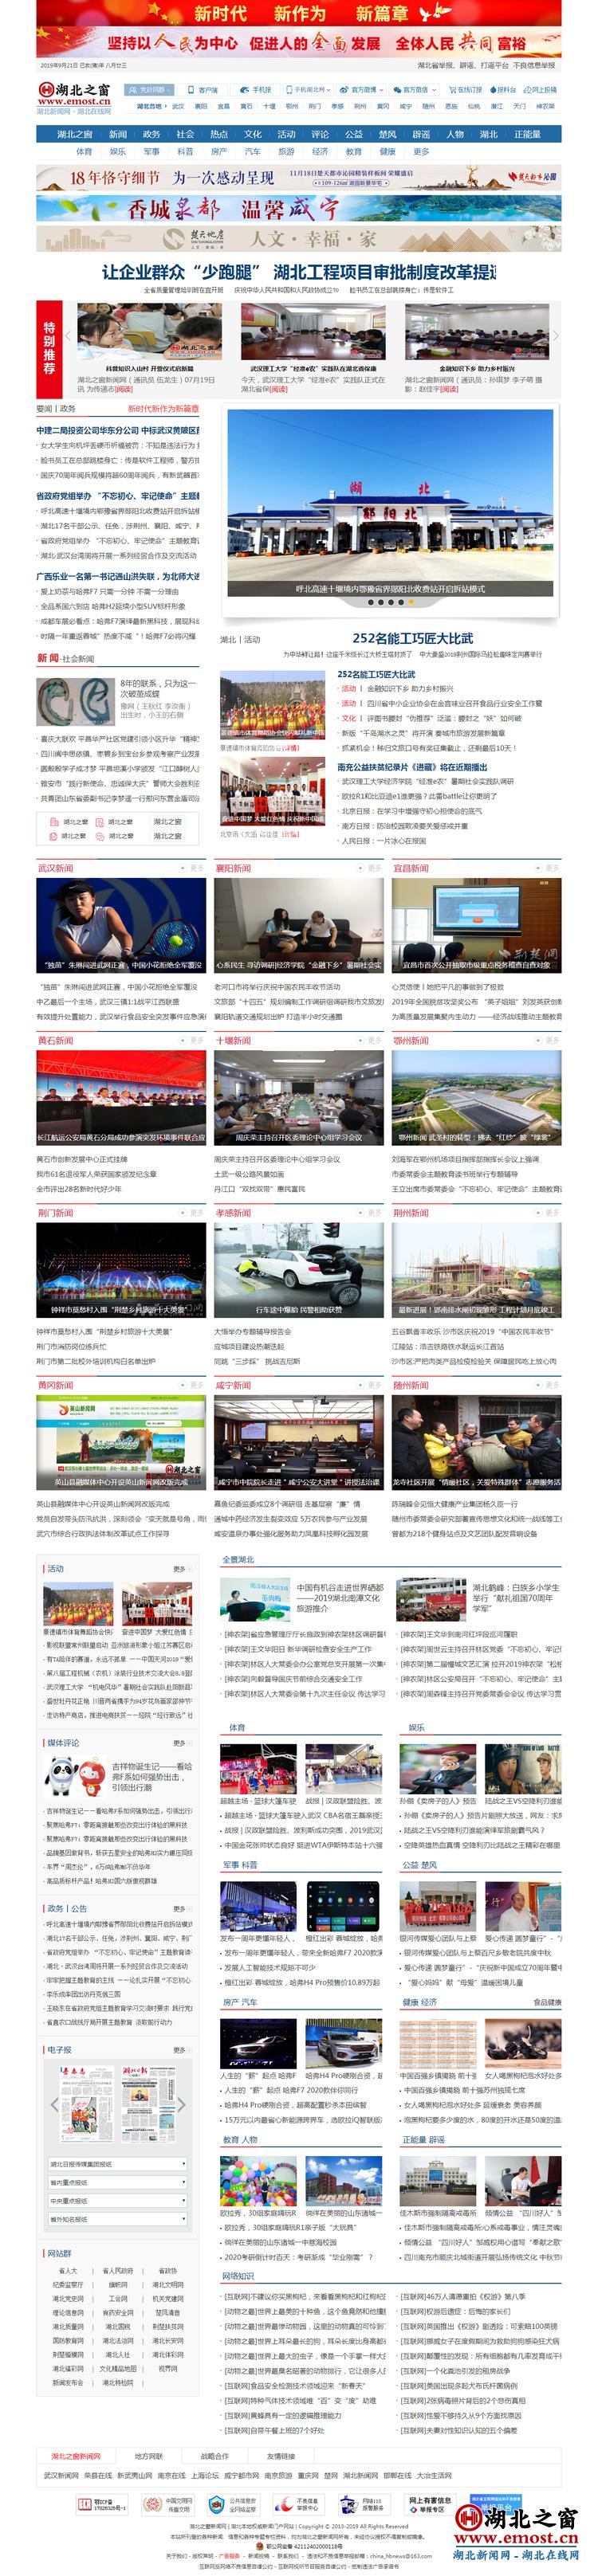 湖北之窗新闻网20190920改版升级公告